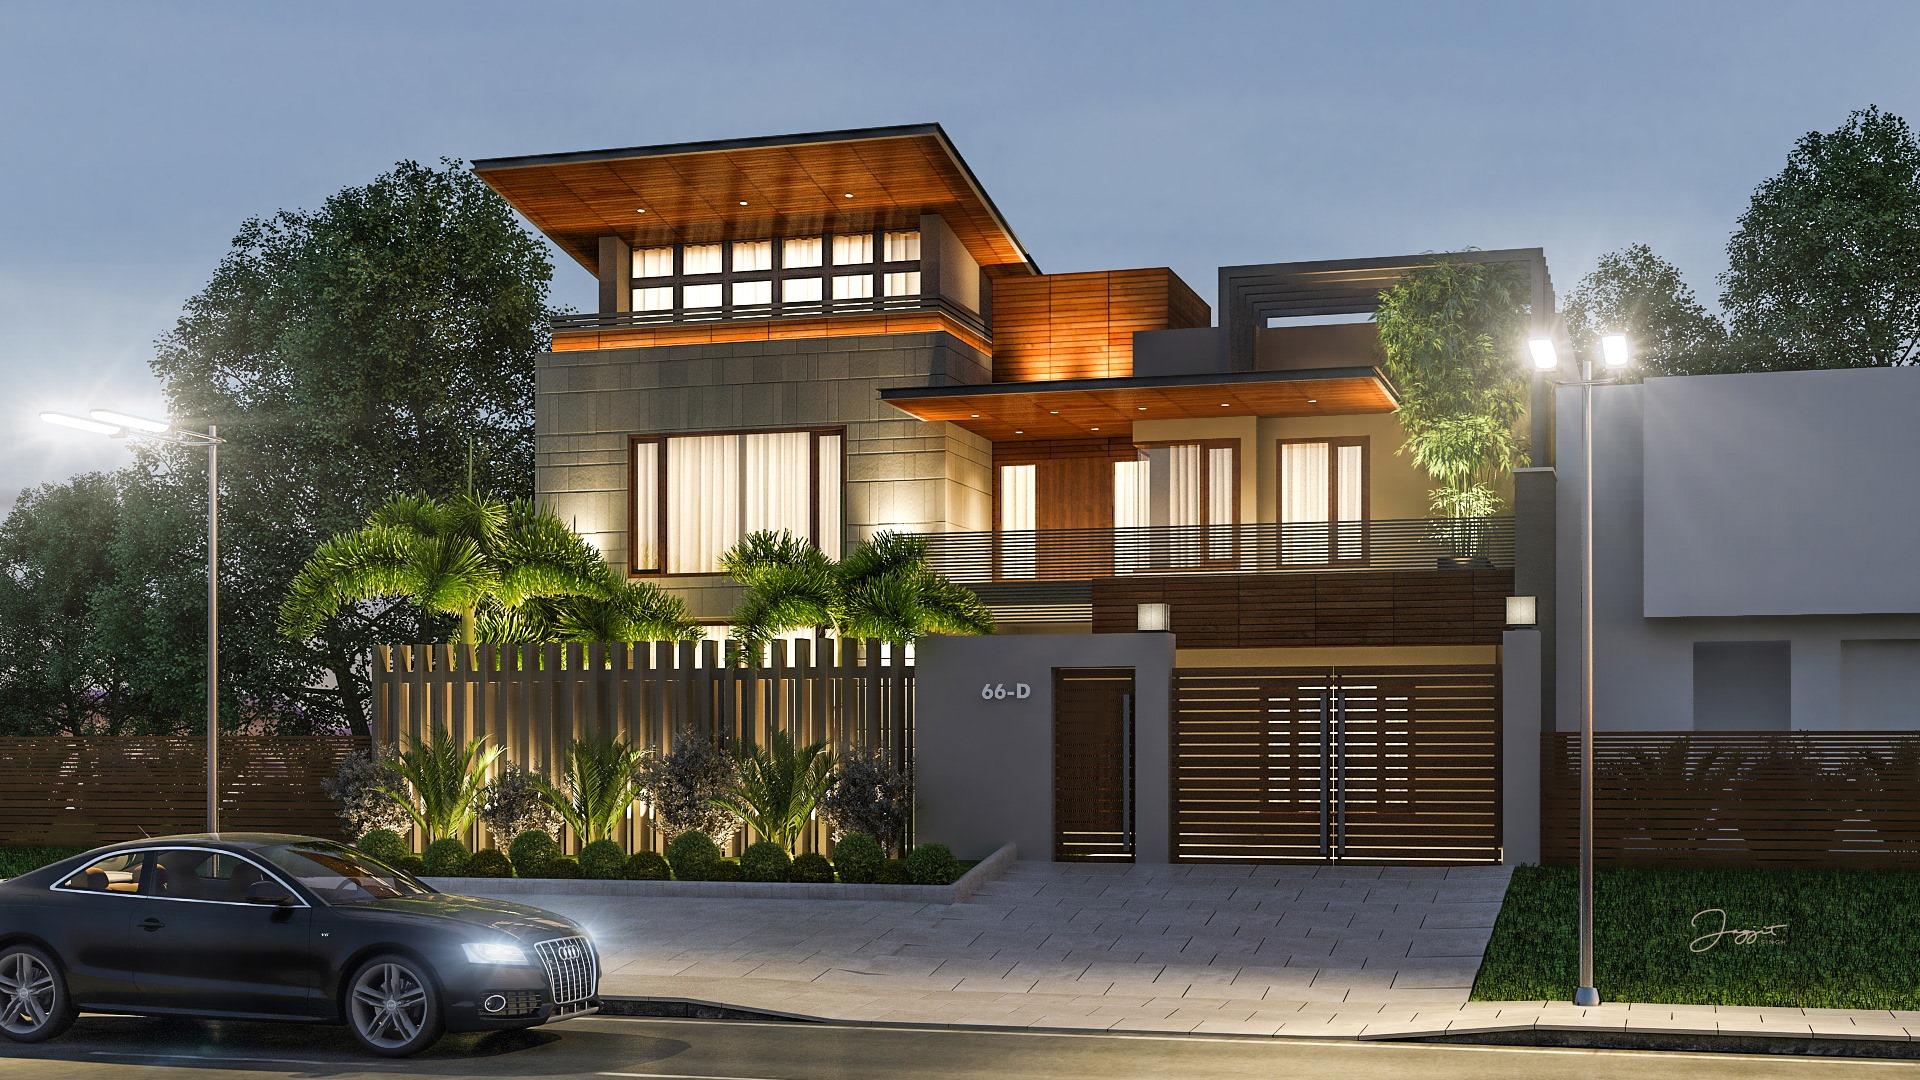 Thiết kế nhà phố hiện đại đẹp